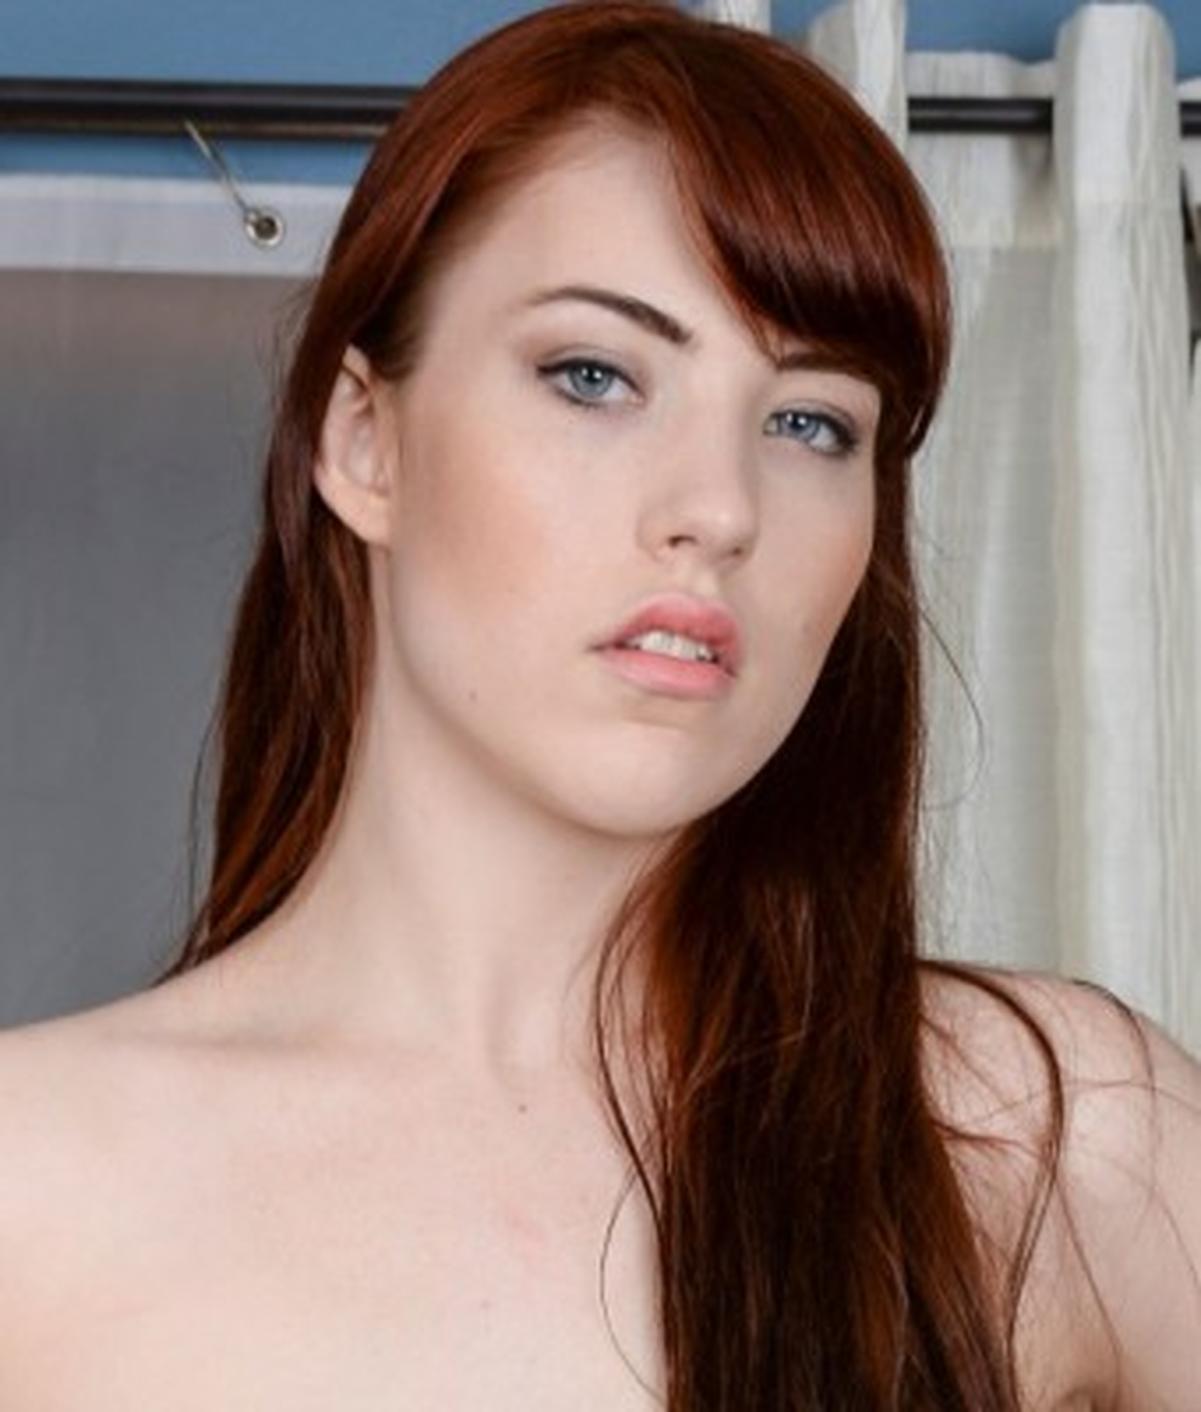 Gwen Stark naked 330